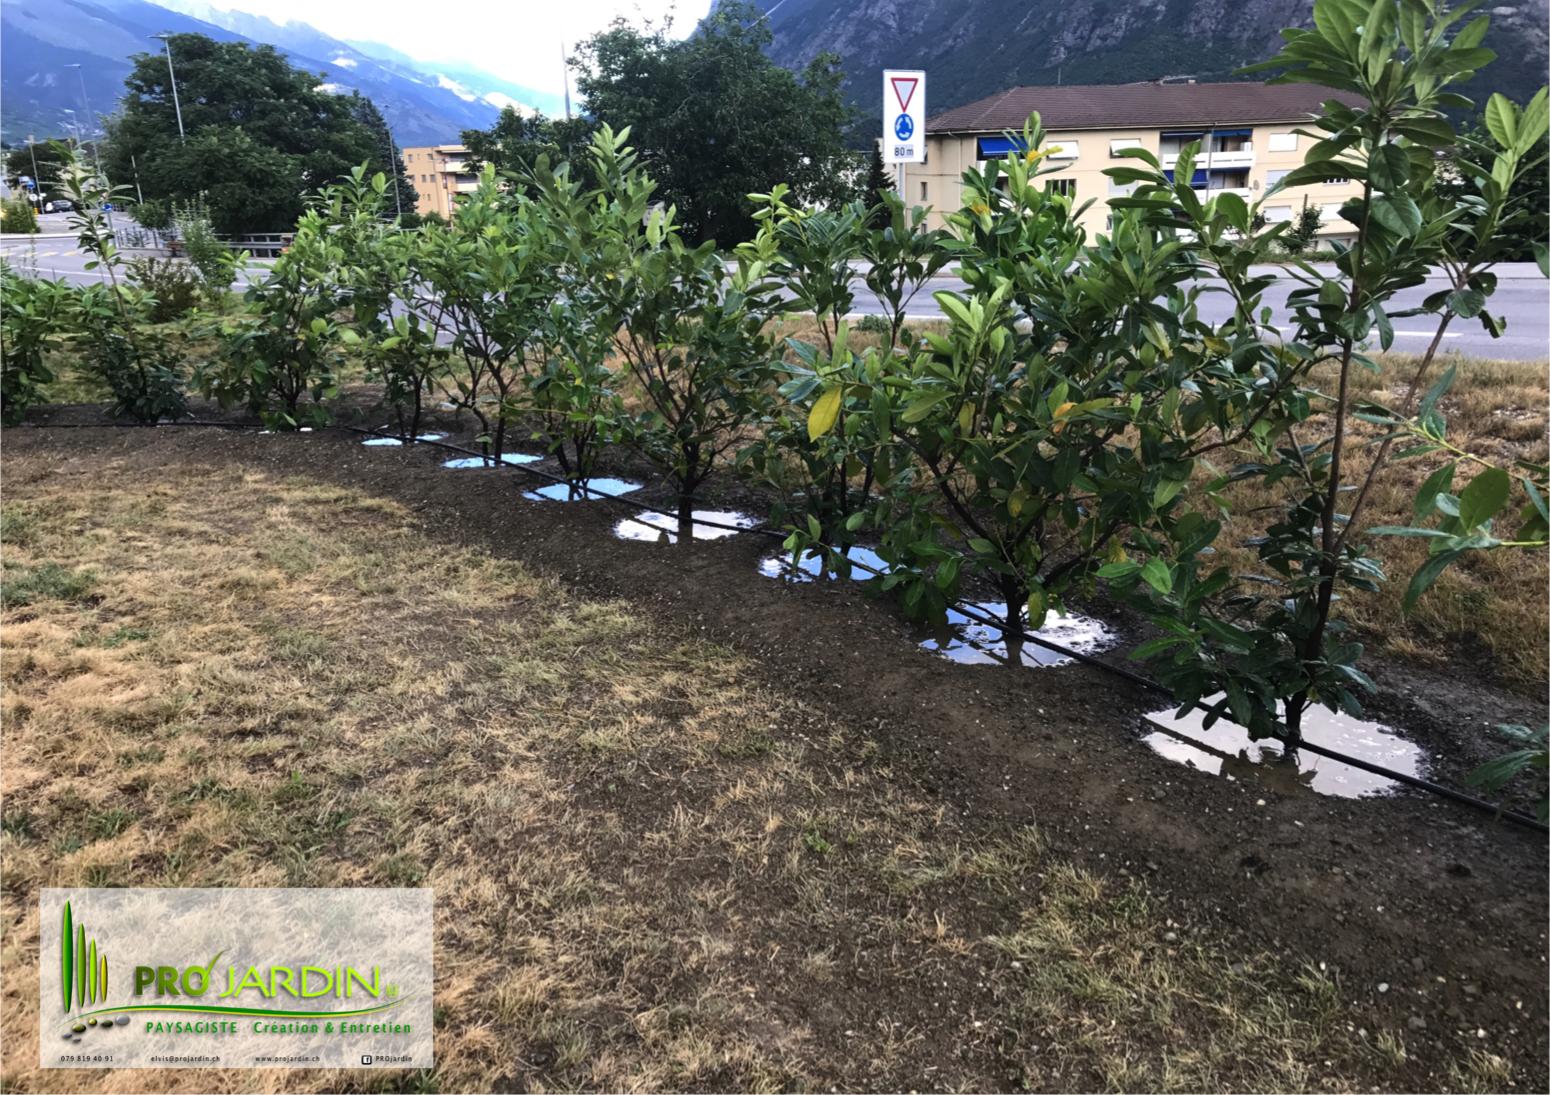 Plantations___haie_Lauriers___Prunus___Laurelles___Traveaux_paysagèrs_Maçonneries__PROjardin_Paysagi